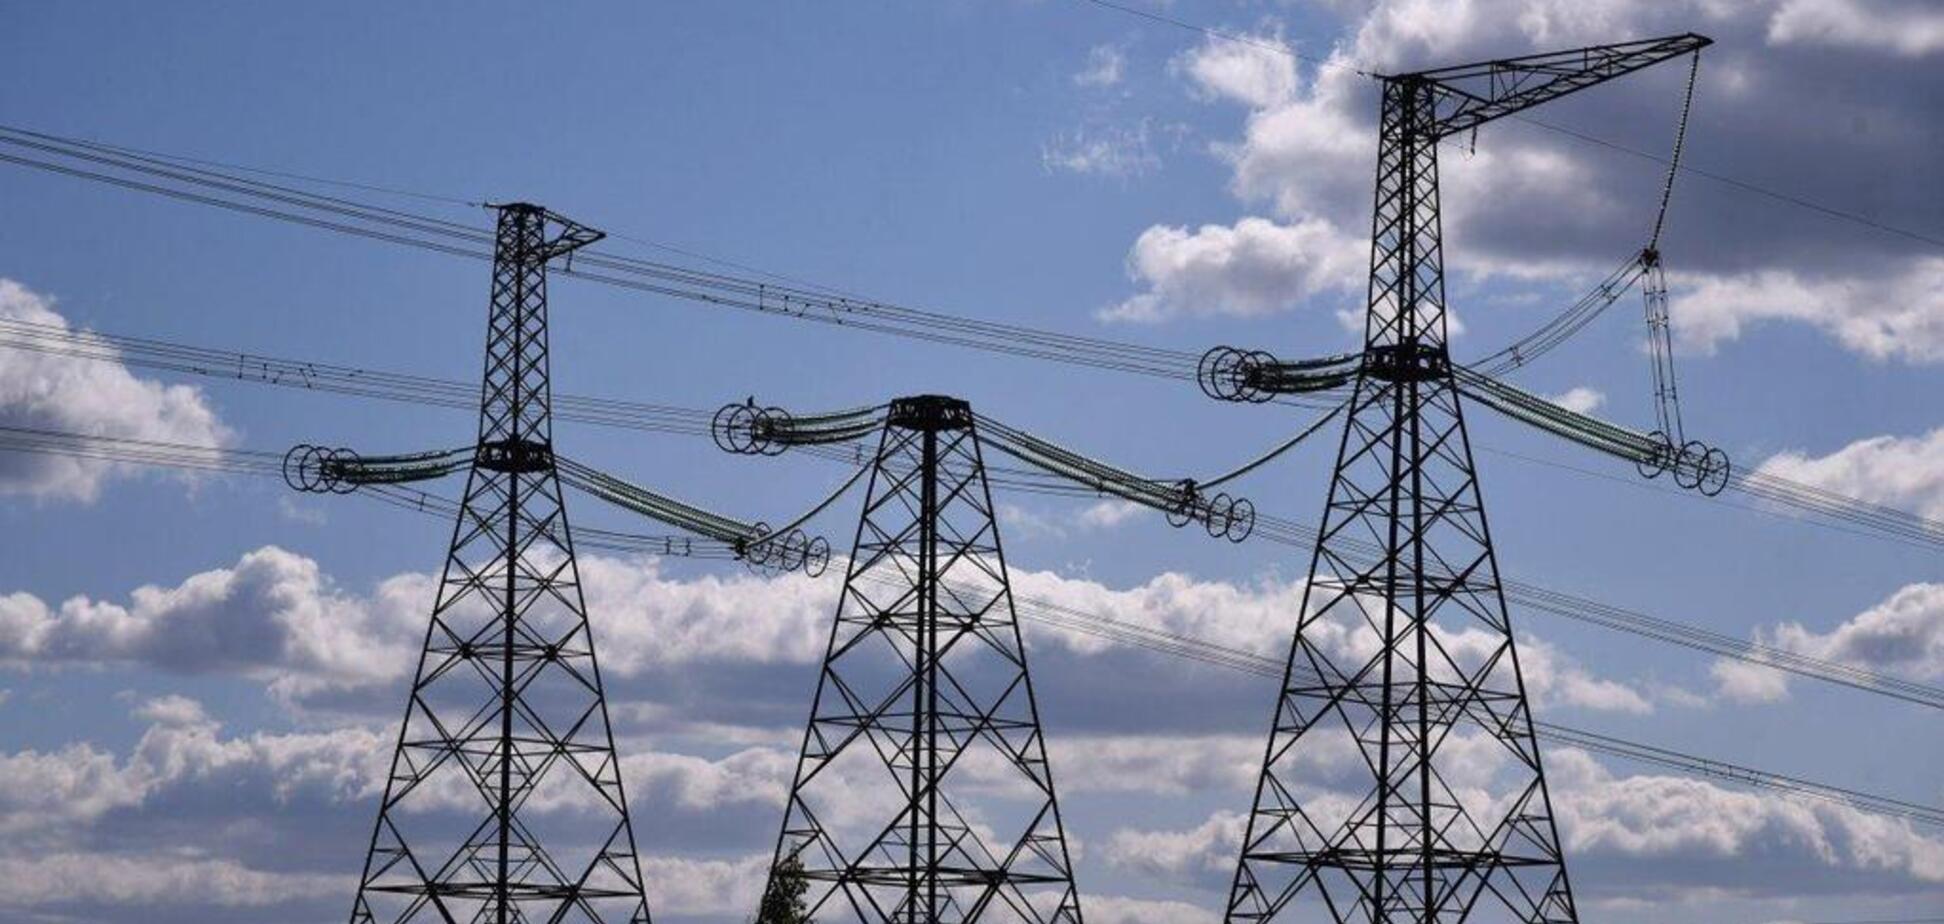 Комітет із ПЕК ВР вимагає від Гройсмана терміново скликати Координаційний центр із запуску нового ринку електроенергії